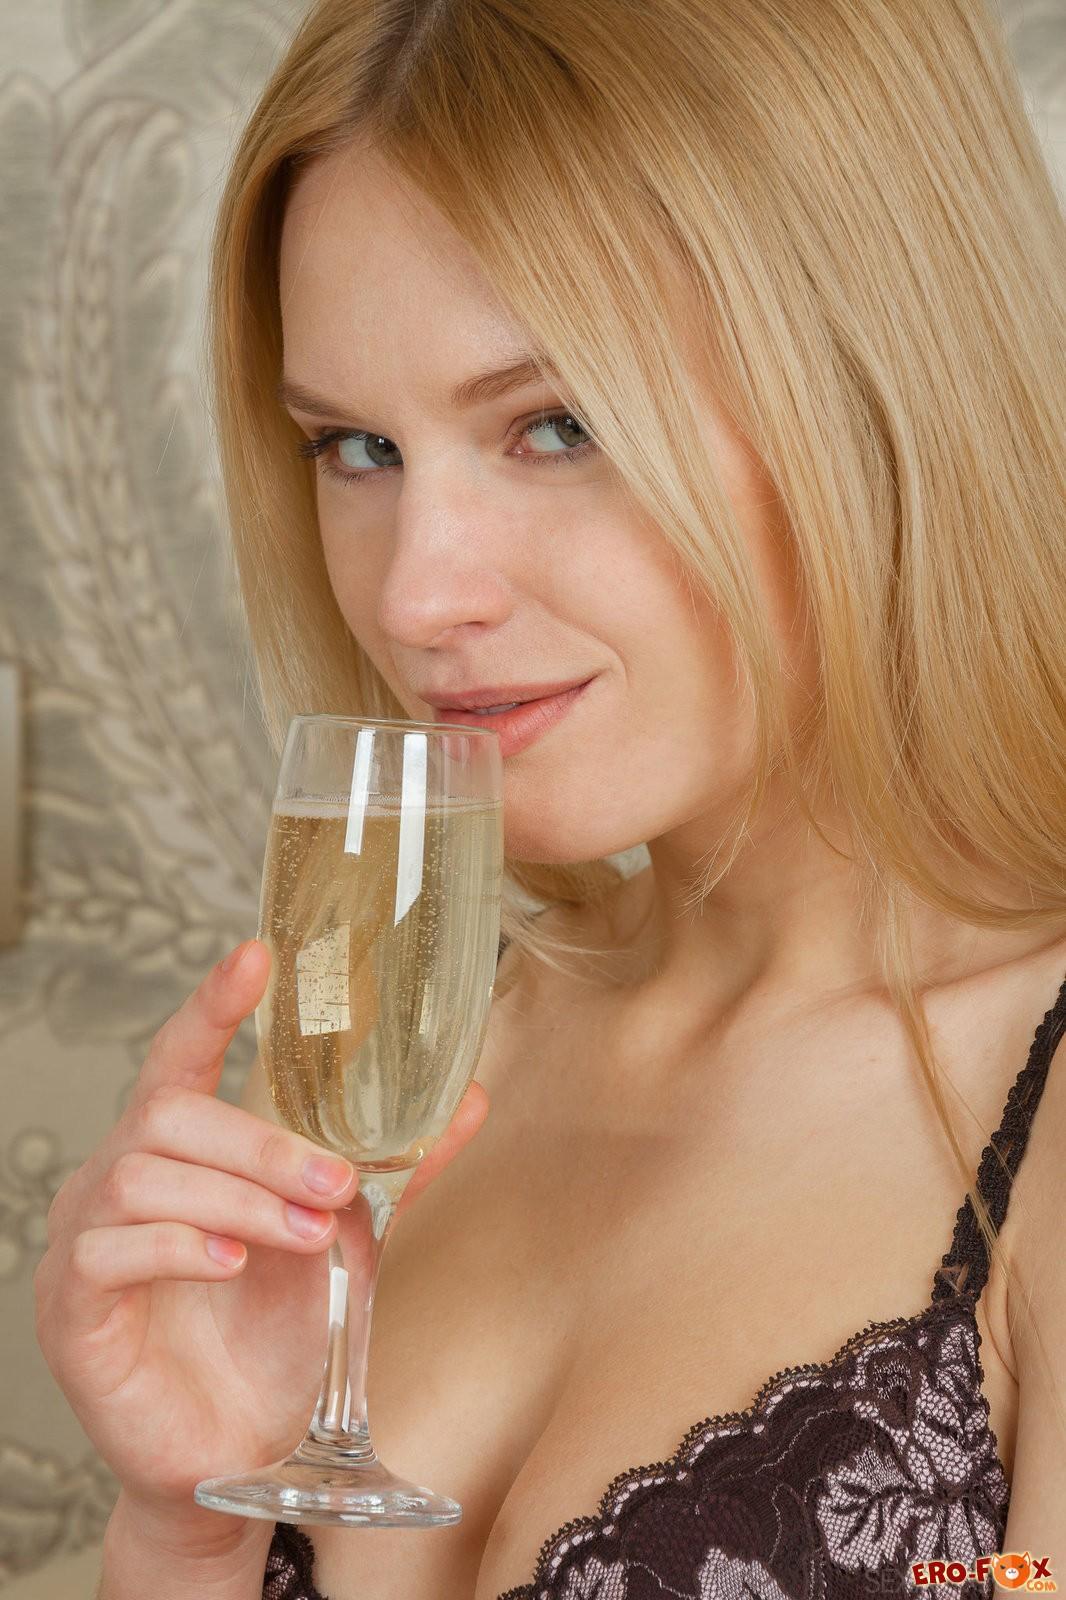 Пьяная русская девица сняла трусы и лифчик